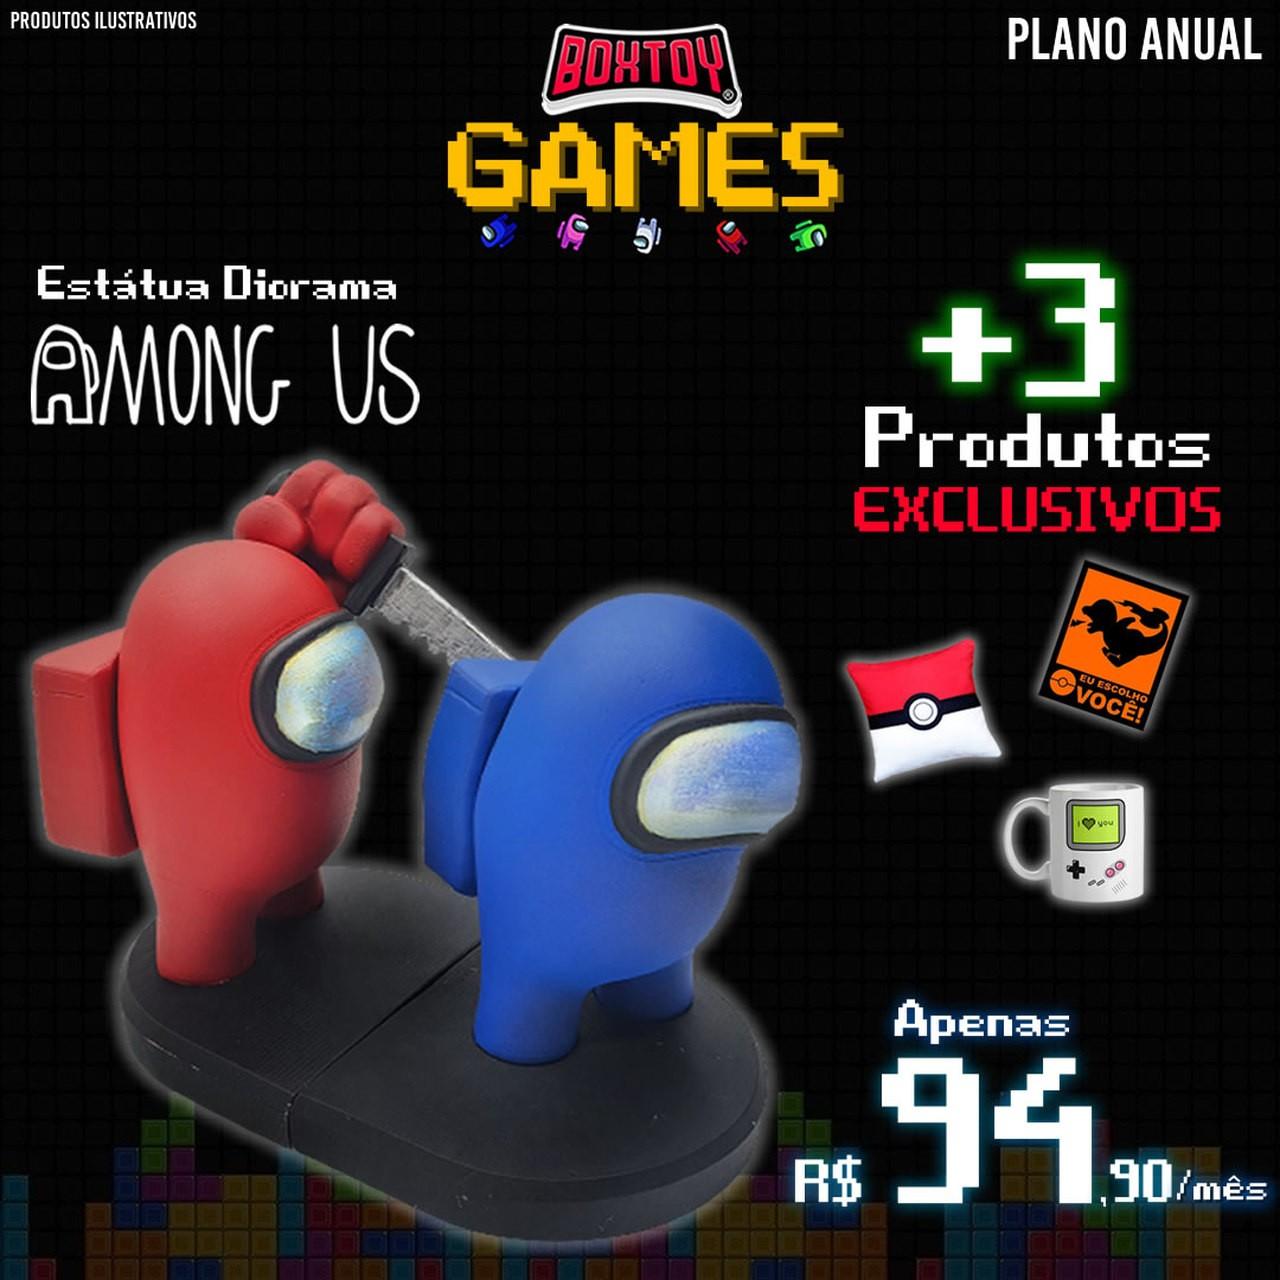 Boxtoy Edição GAMES  -  Anual  - Boxtoy